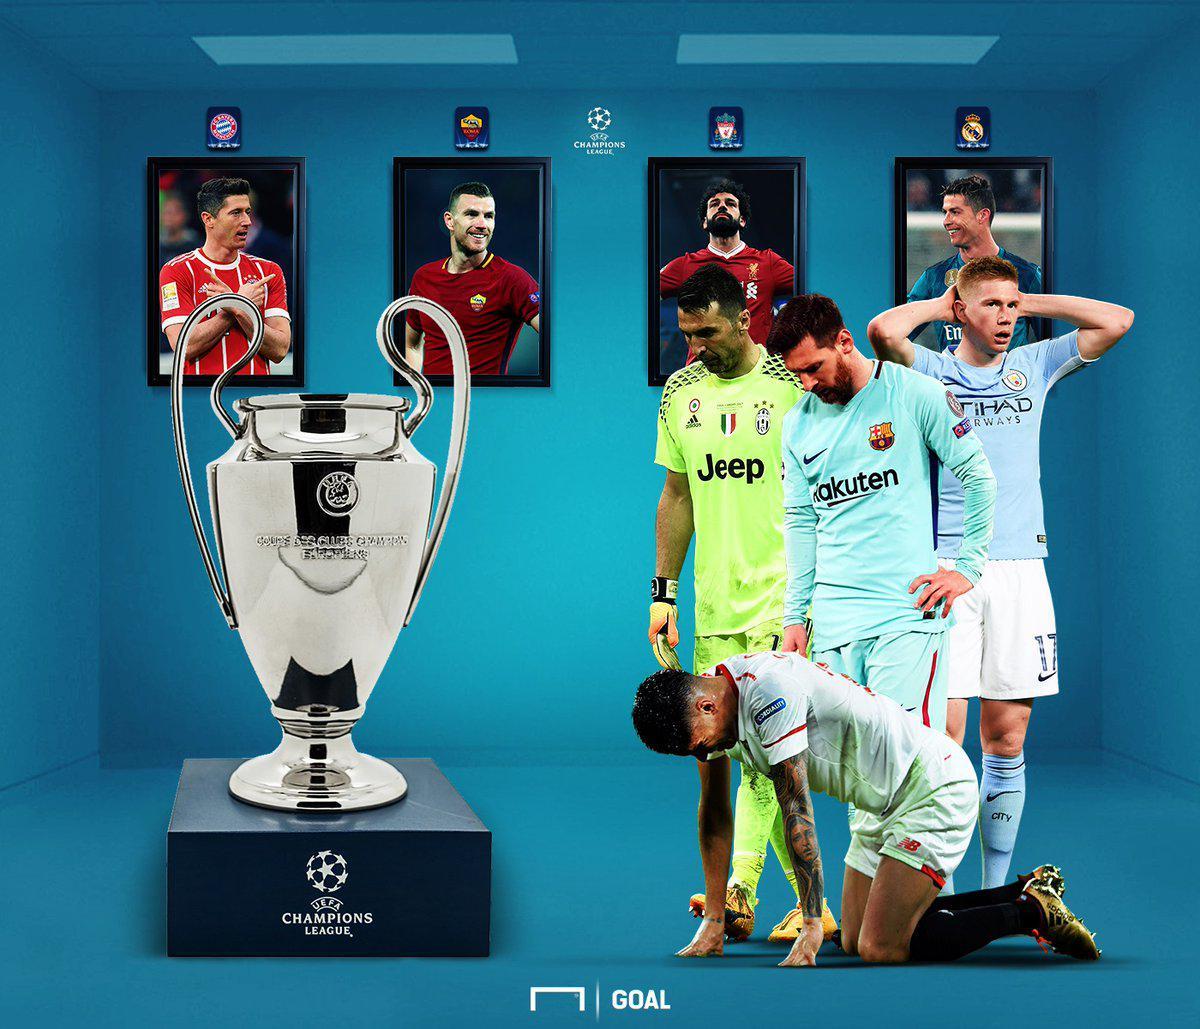 欧冠4强出炉:皇马拜仁领衔 利物浦10年后再进4强